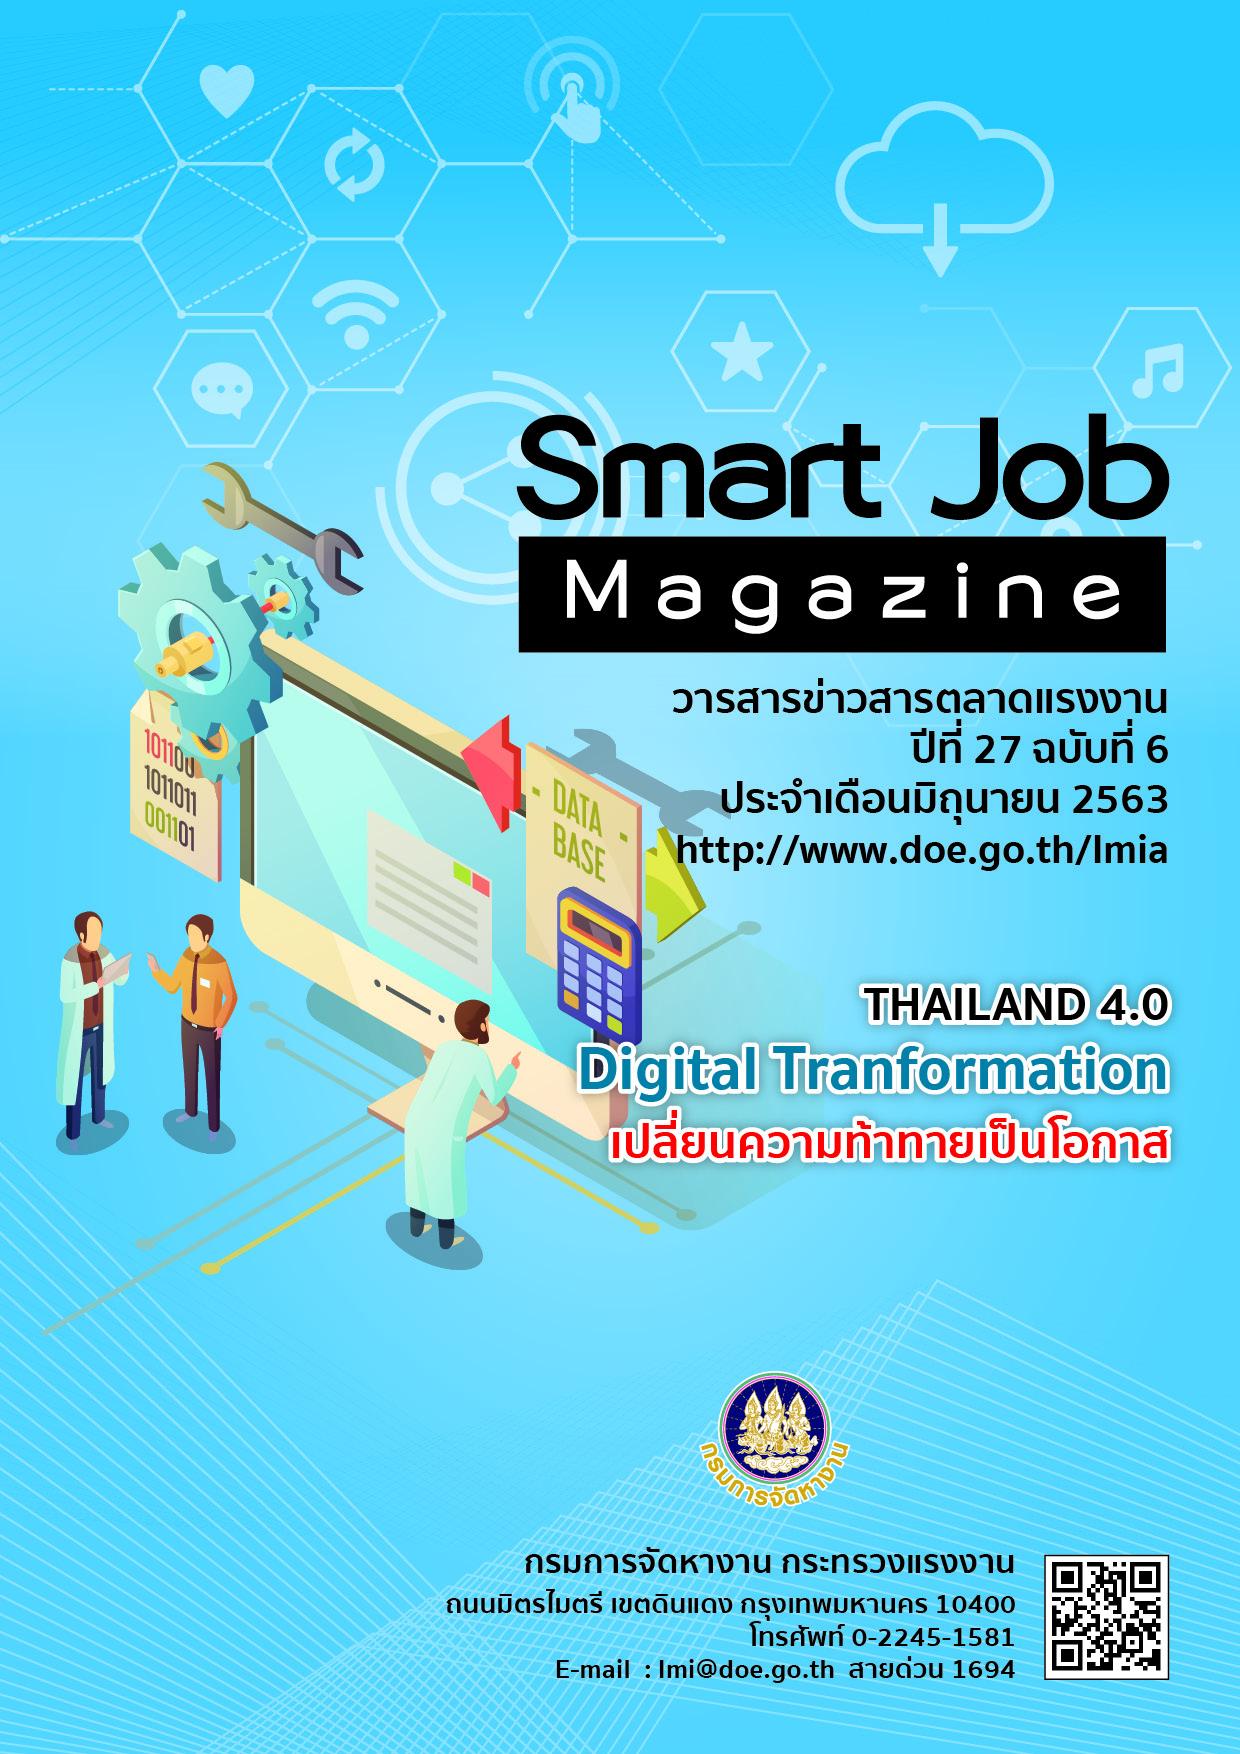 วารสารข่าวสารตลาดแรงงาน Smart Job Magazine ประจำเดือนมิถุนายน 2563